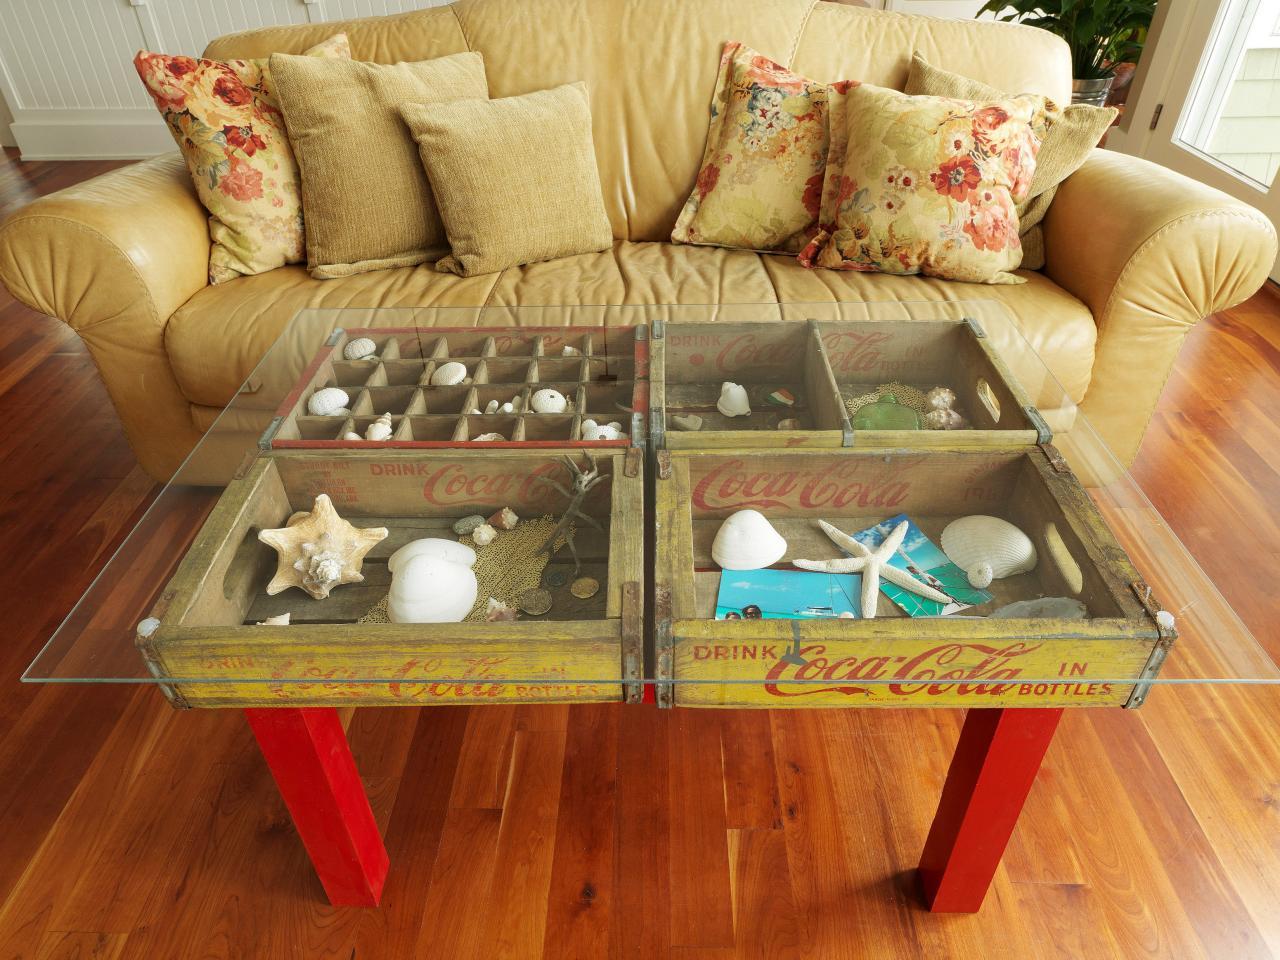 Ideas de decoraci n c mo reciclar muebles viejos para darle un toque vintage a tu casa - Decoracion vintage barata ...